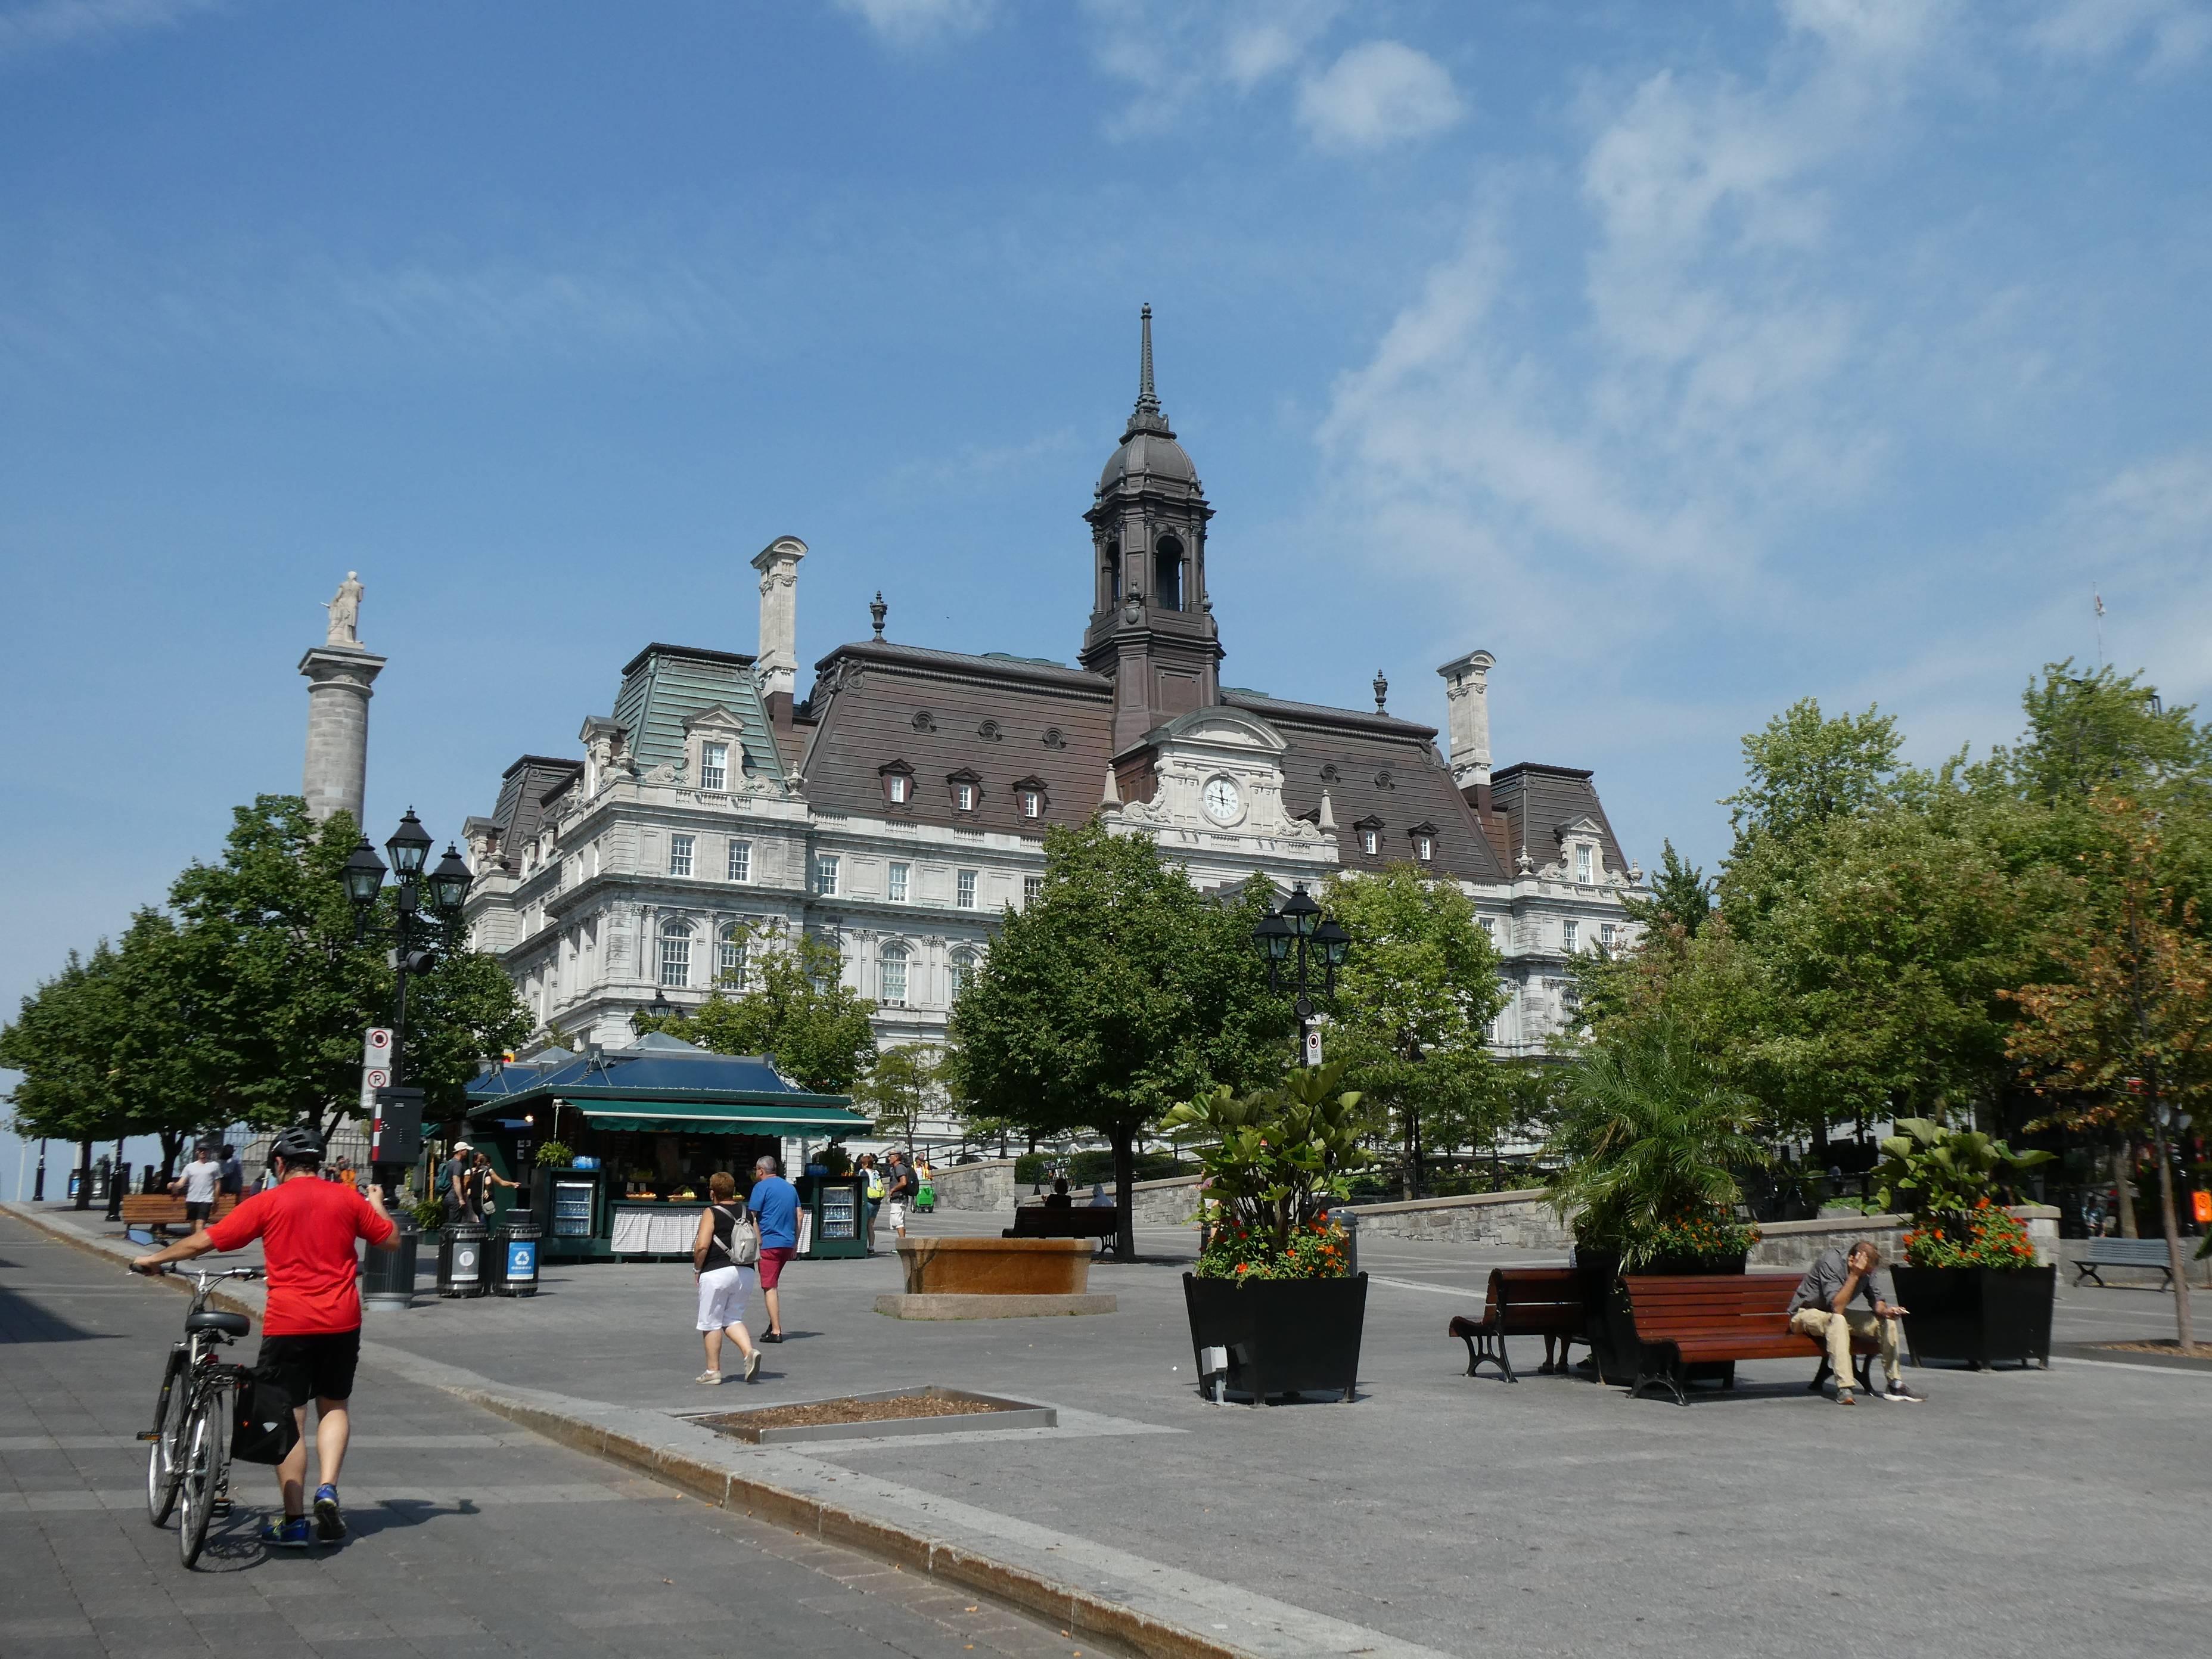 Photo 3: Montréal, une grande ville mais si attachante...